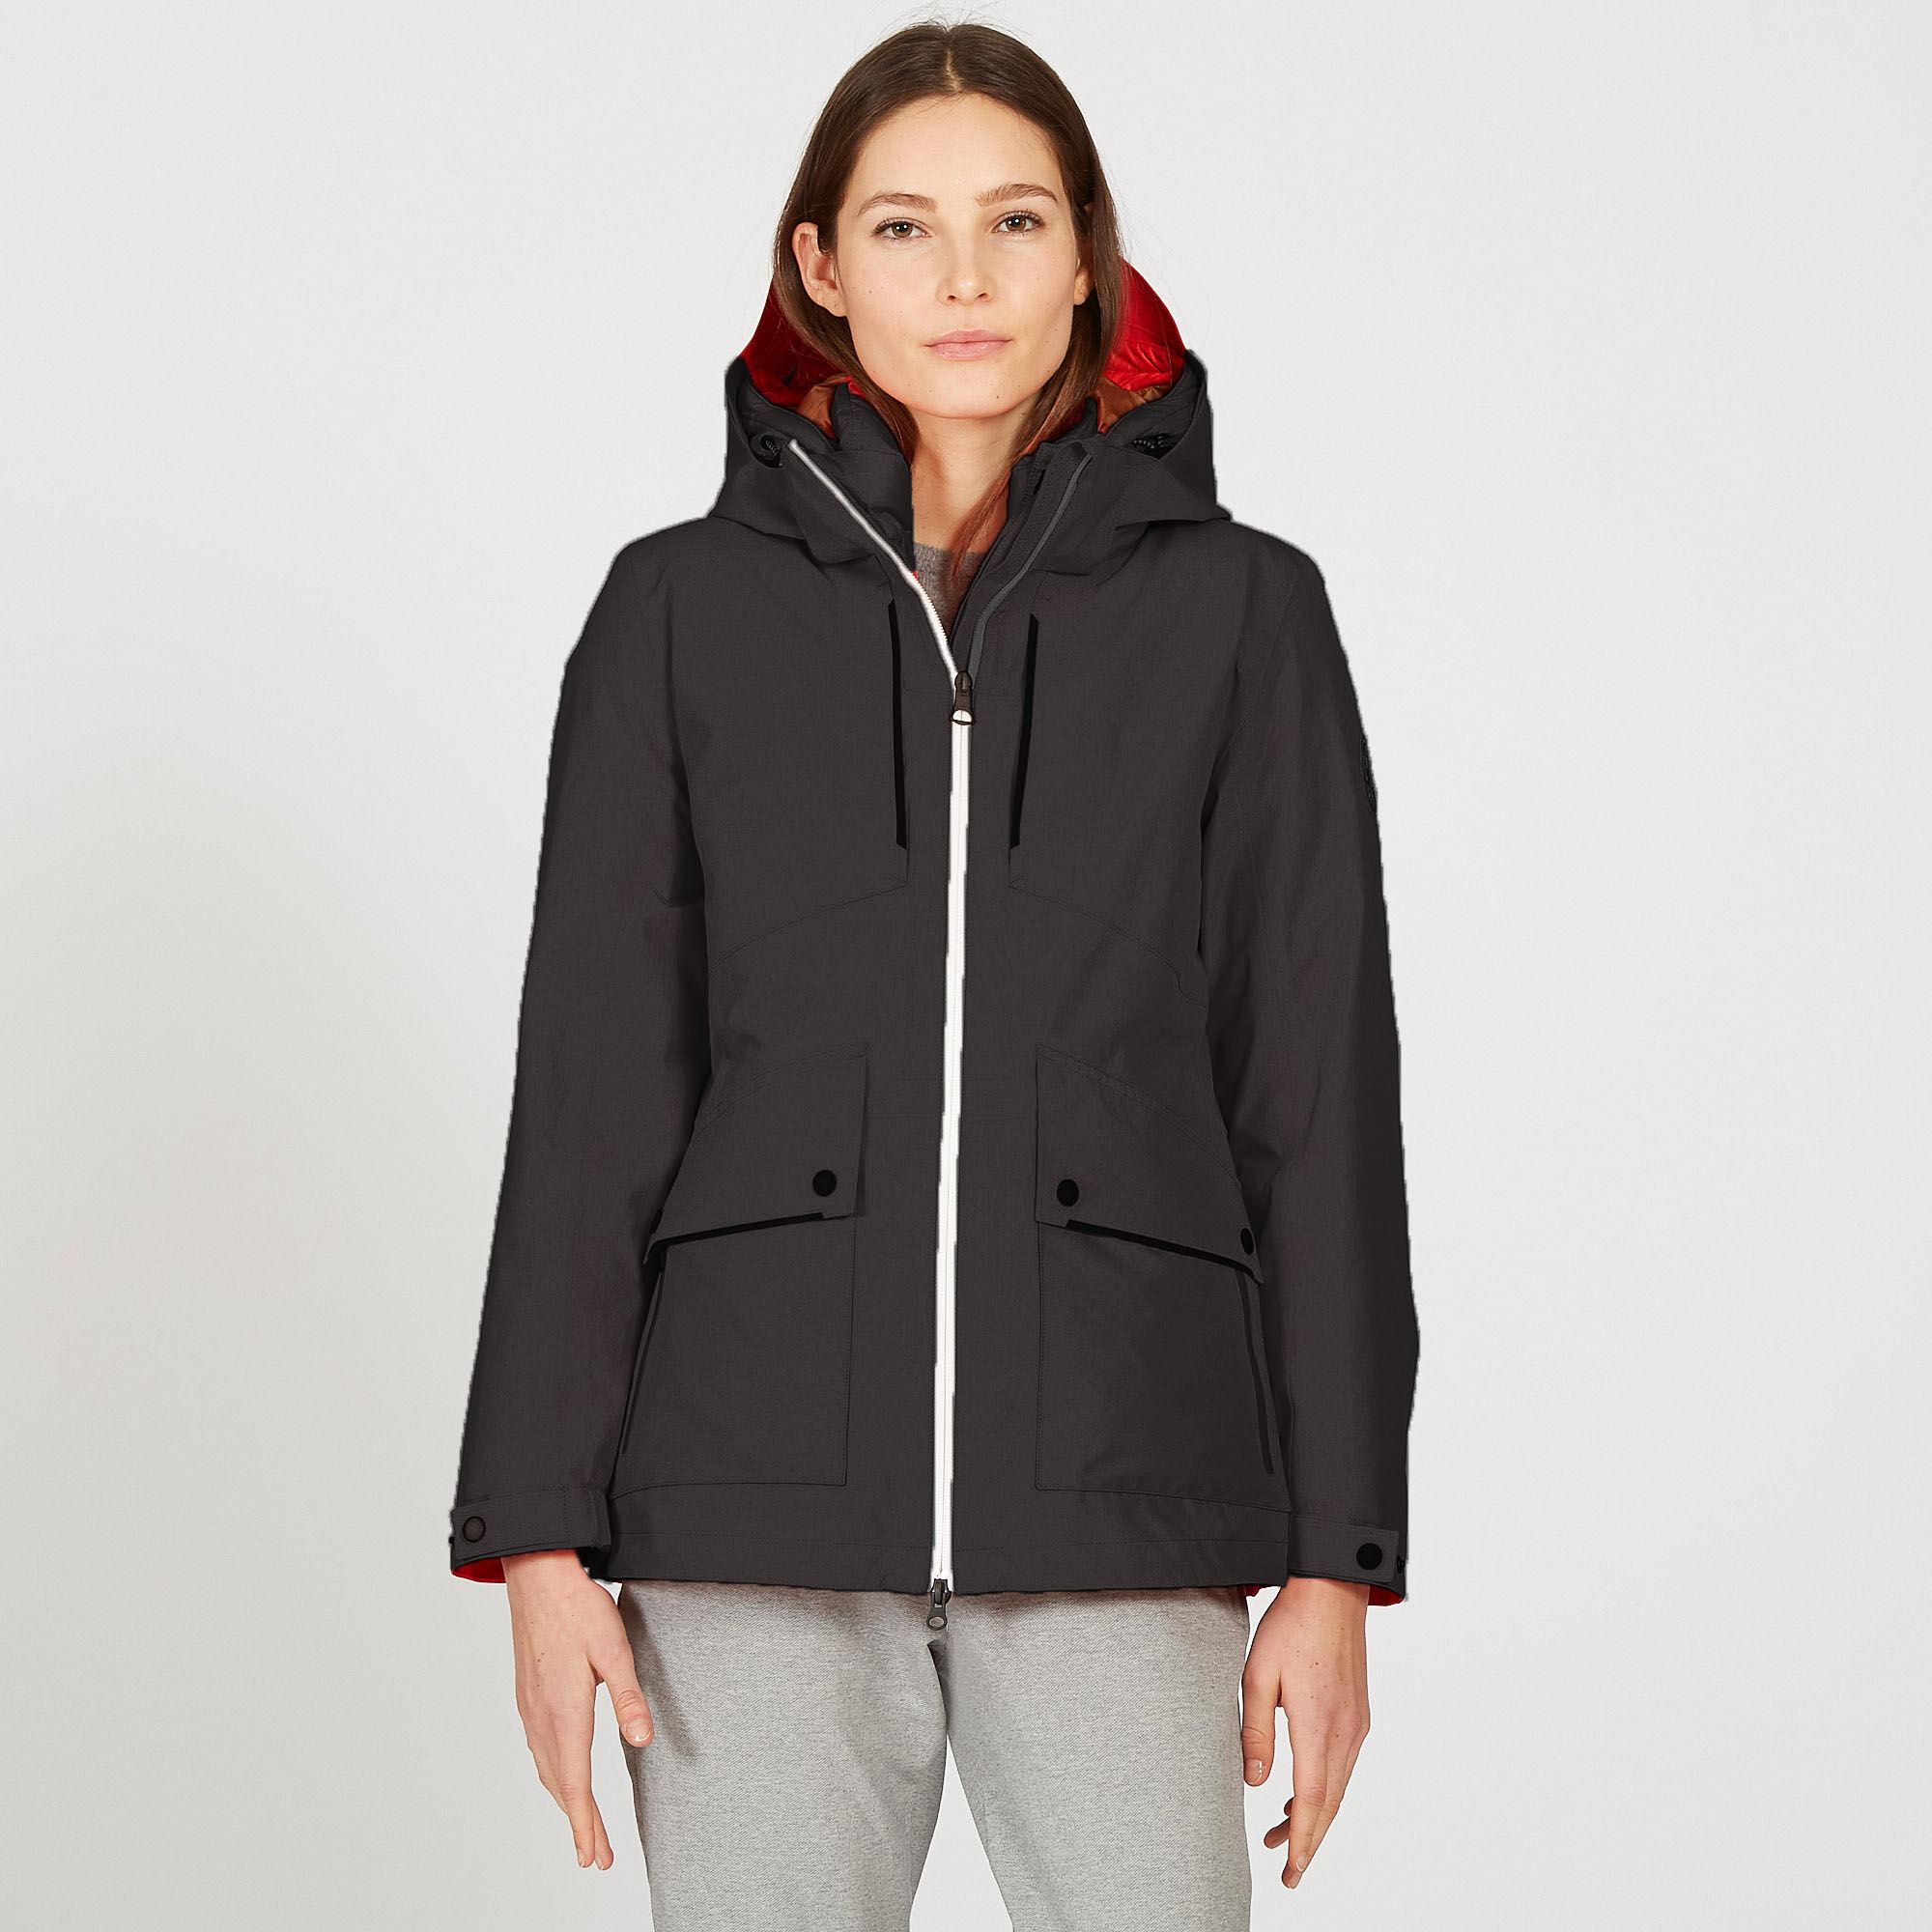 Veste de ski chaude femme imperméable